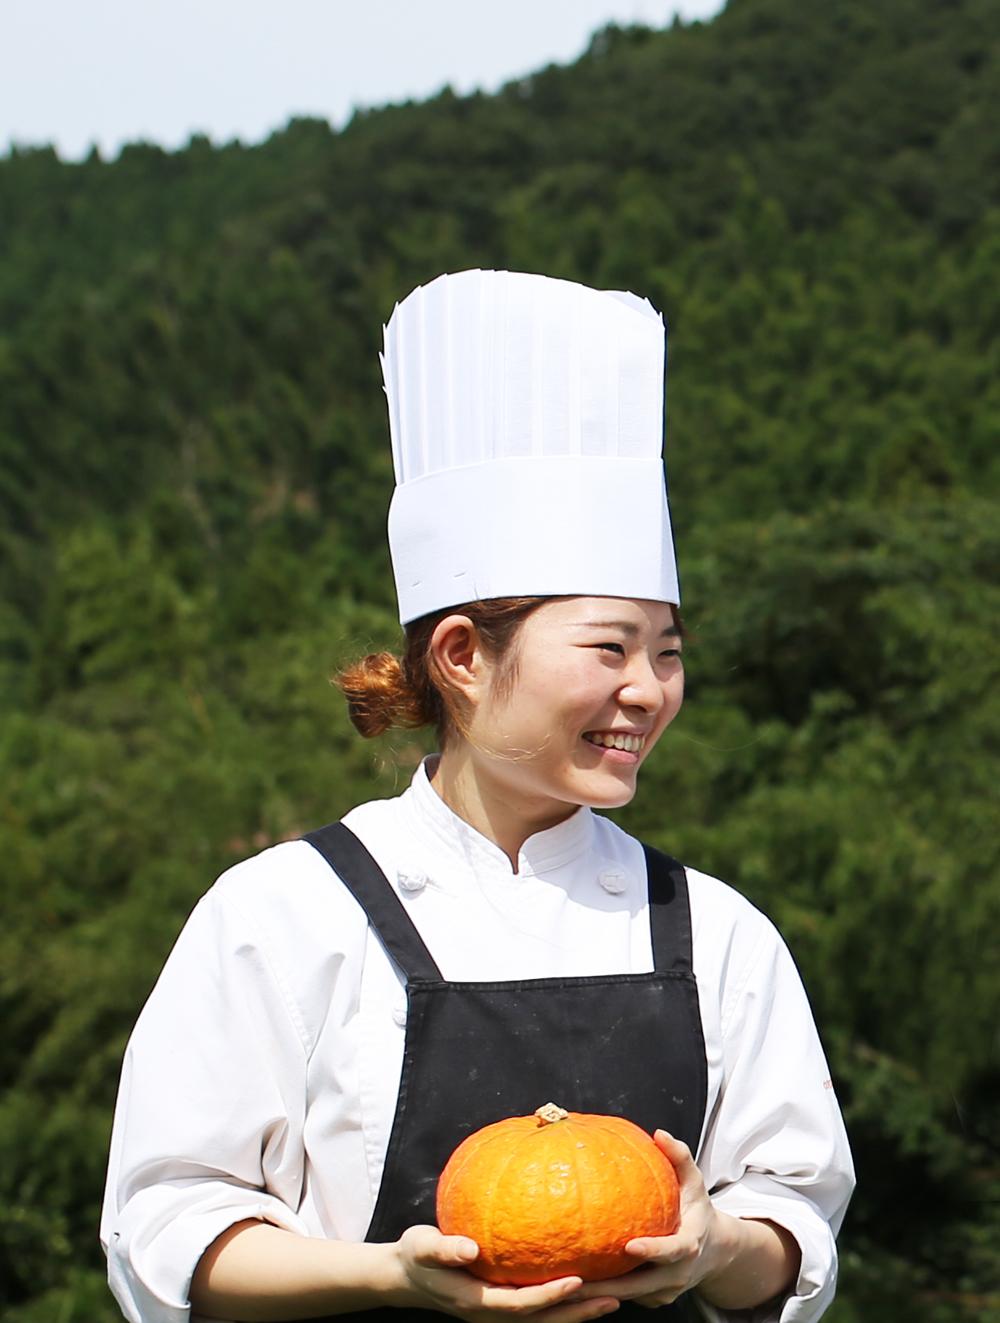 大江ノ郷の秋 パティシエの笑顔